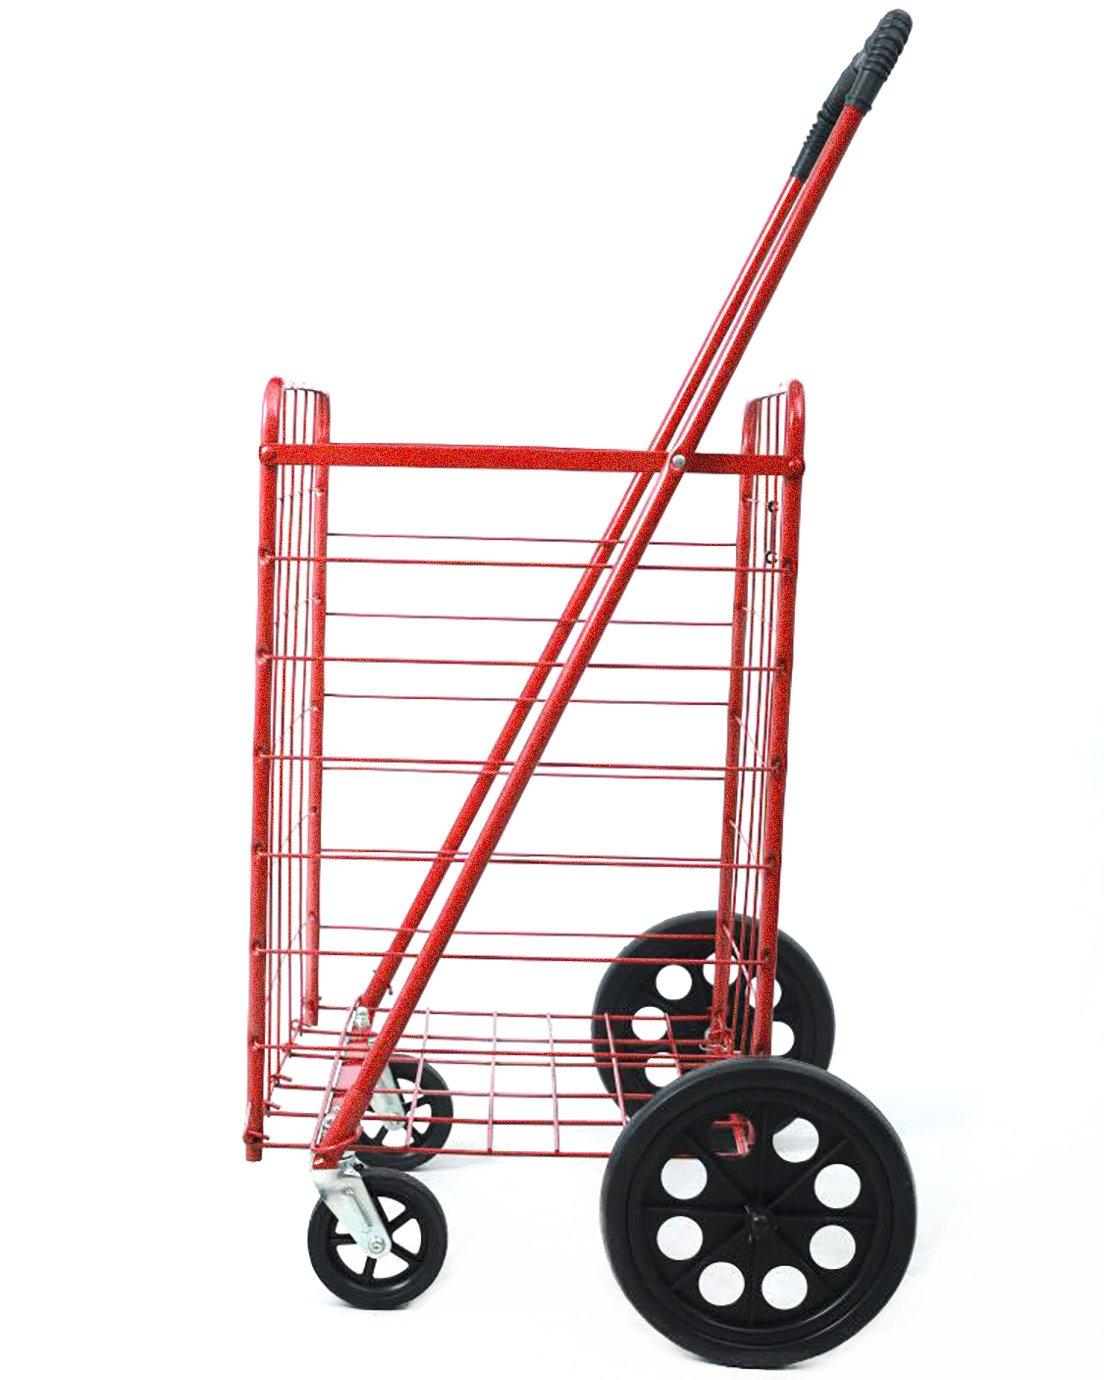 Premium nuevo metálico Heavy Duty Metal Caster giratorio nuevo frente ruedas plegable carrito de compras ropa de comestibles - Actualiza metal y ruedas de ...